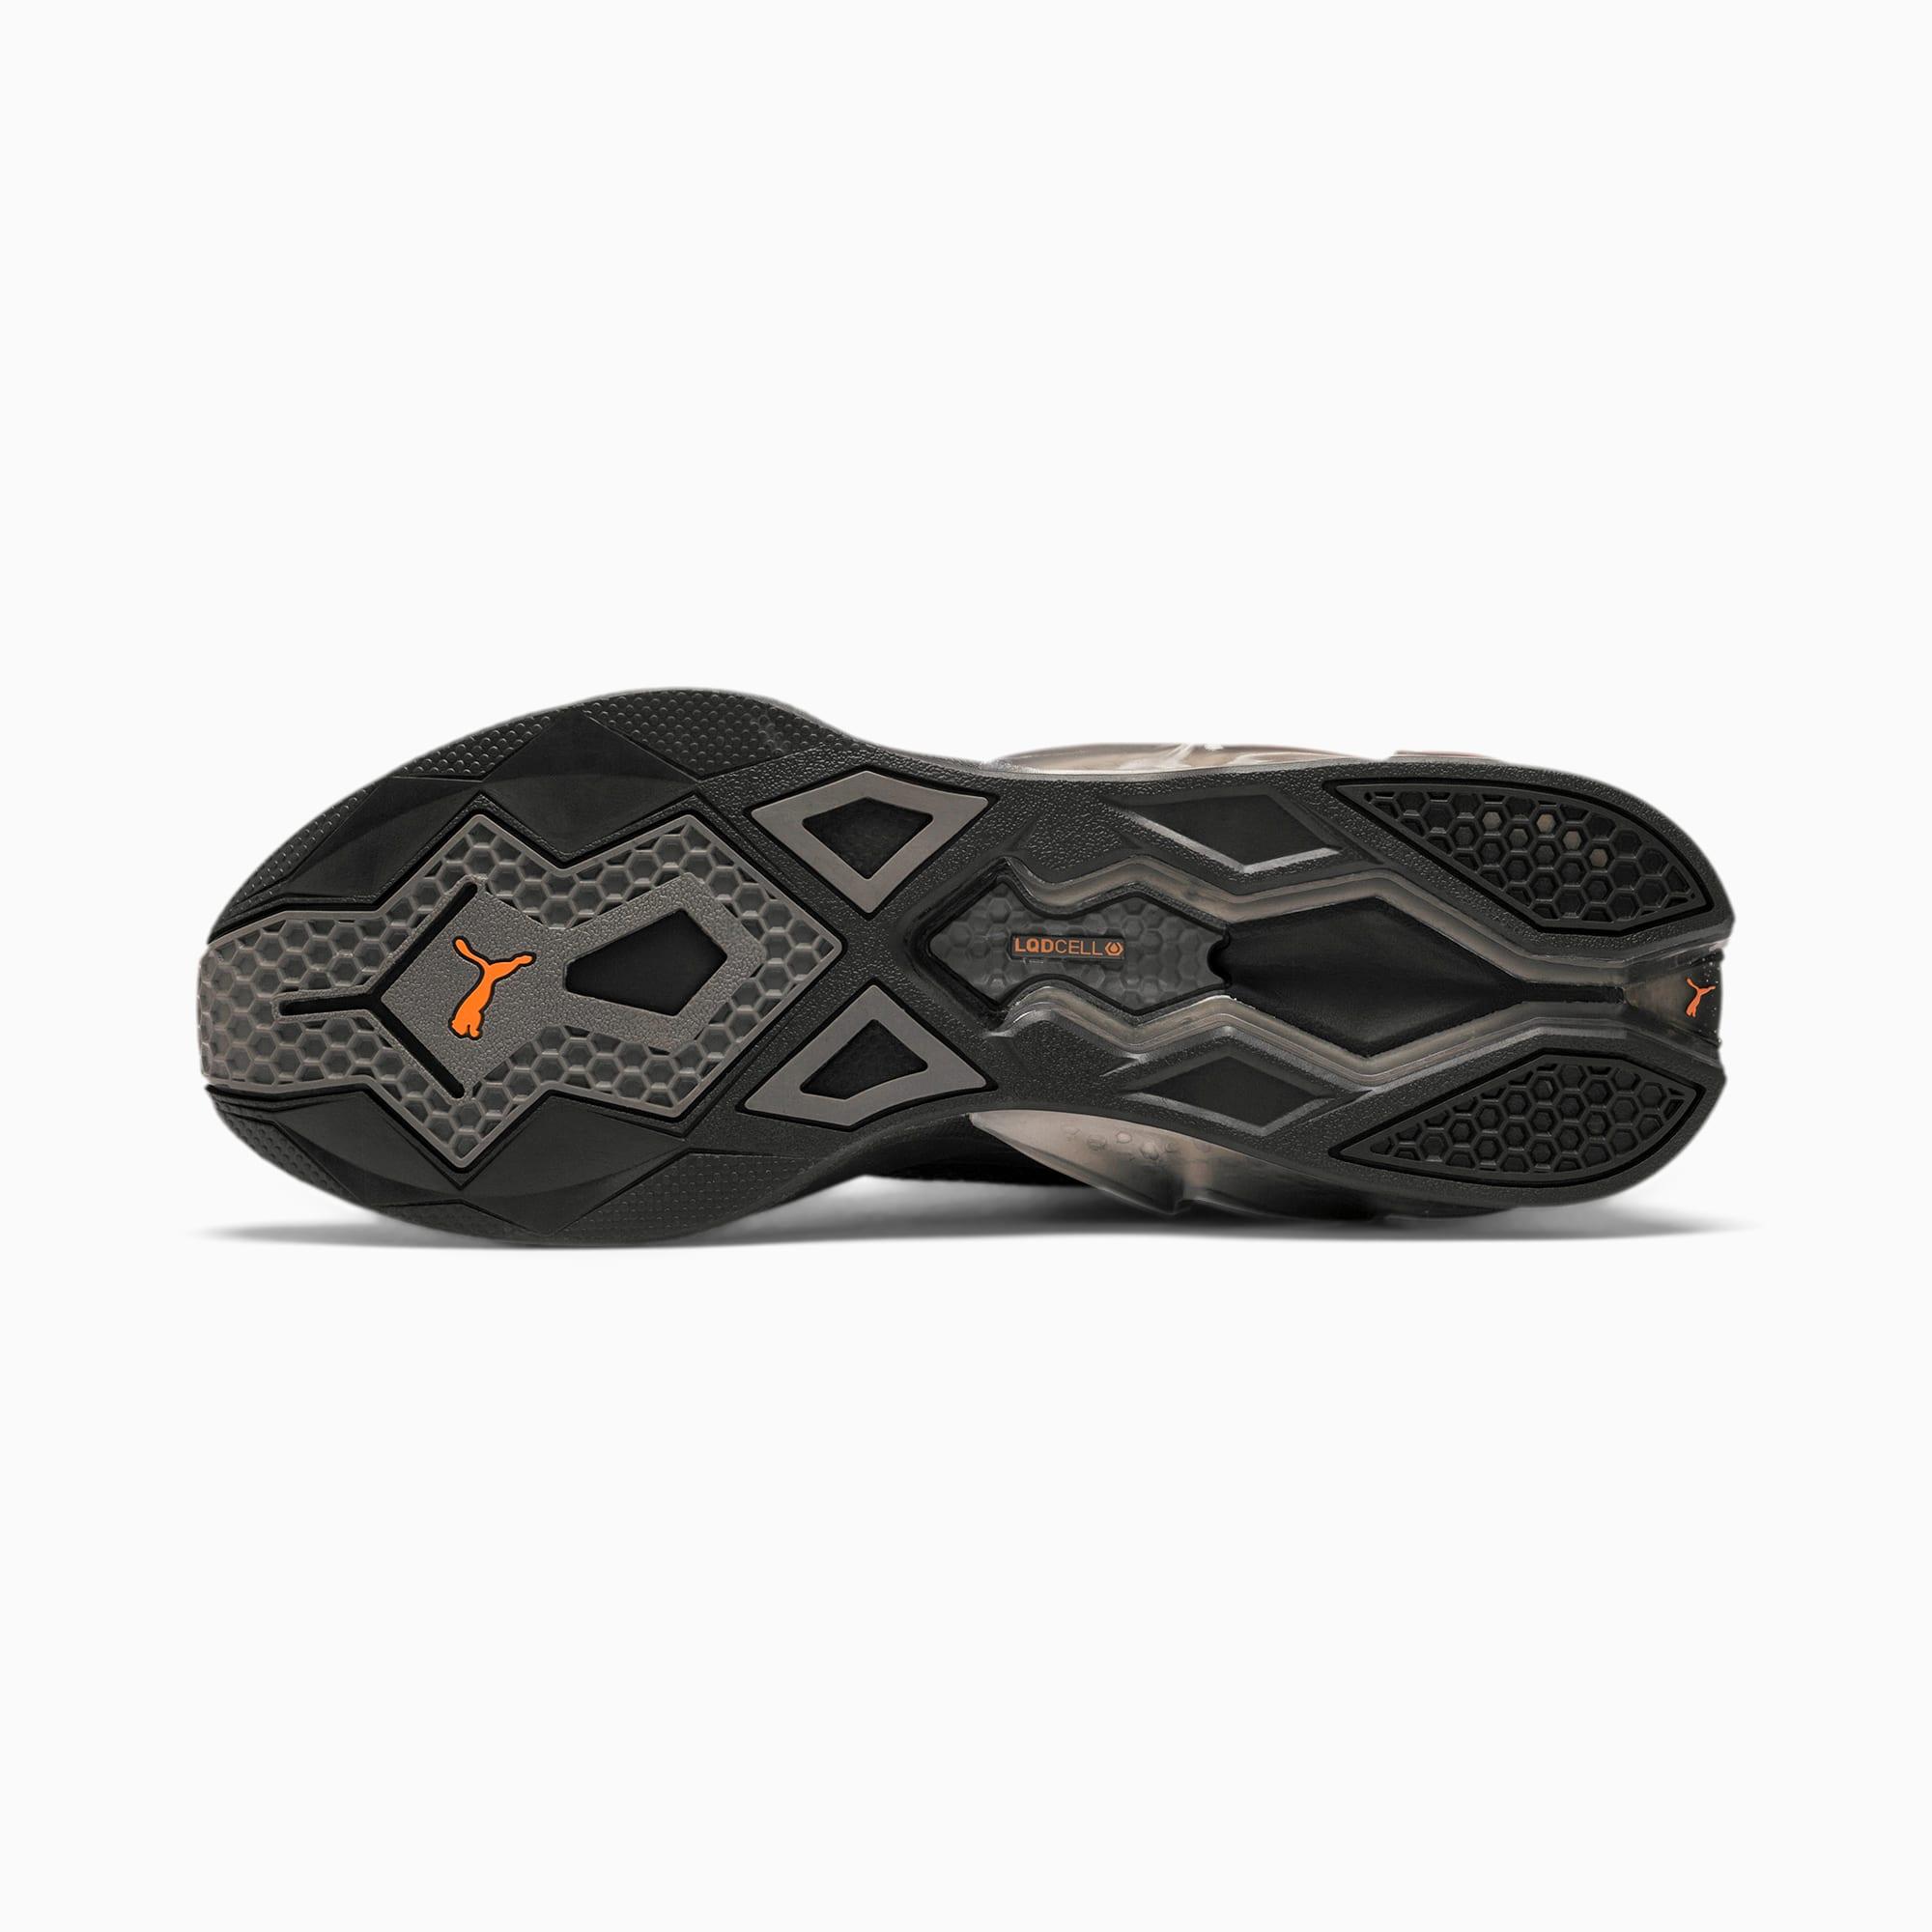 Chaussure d'entraînement LQDCELL Origin Terrain pour homme